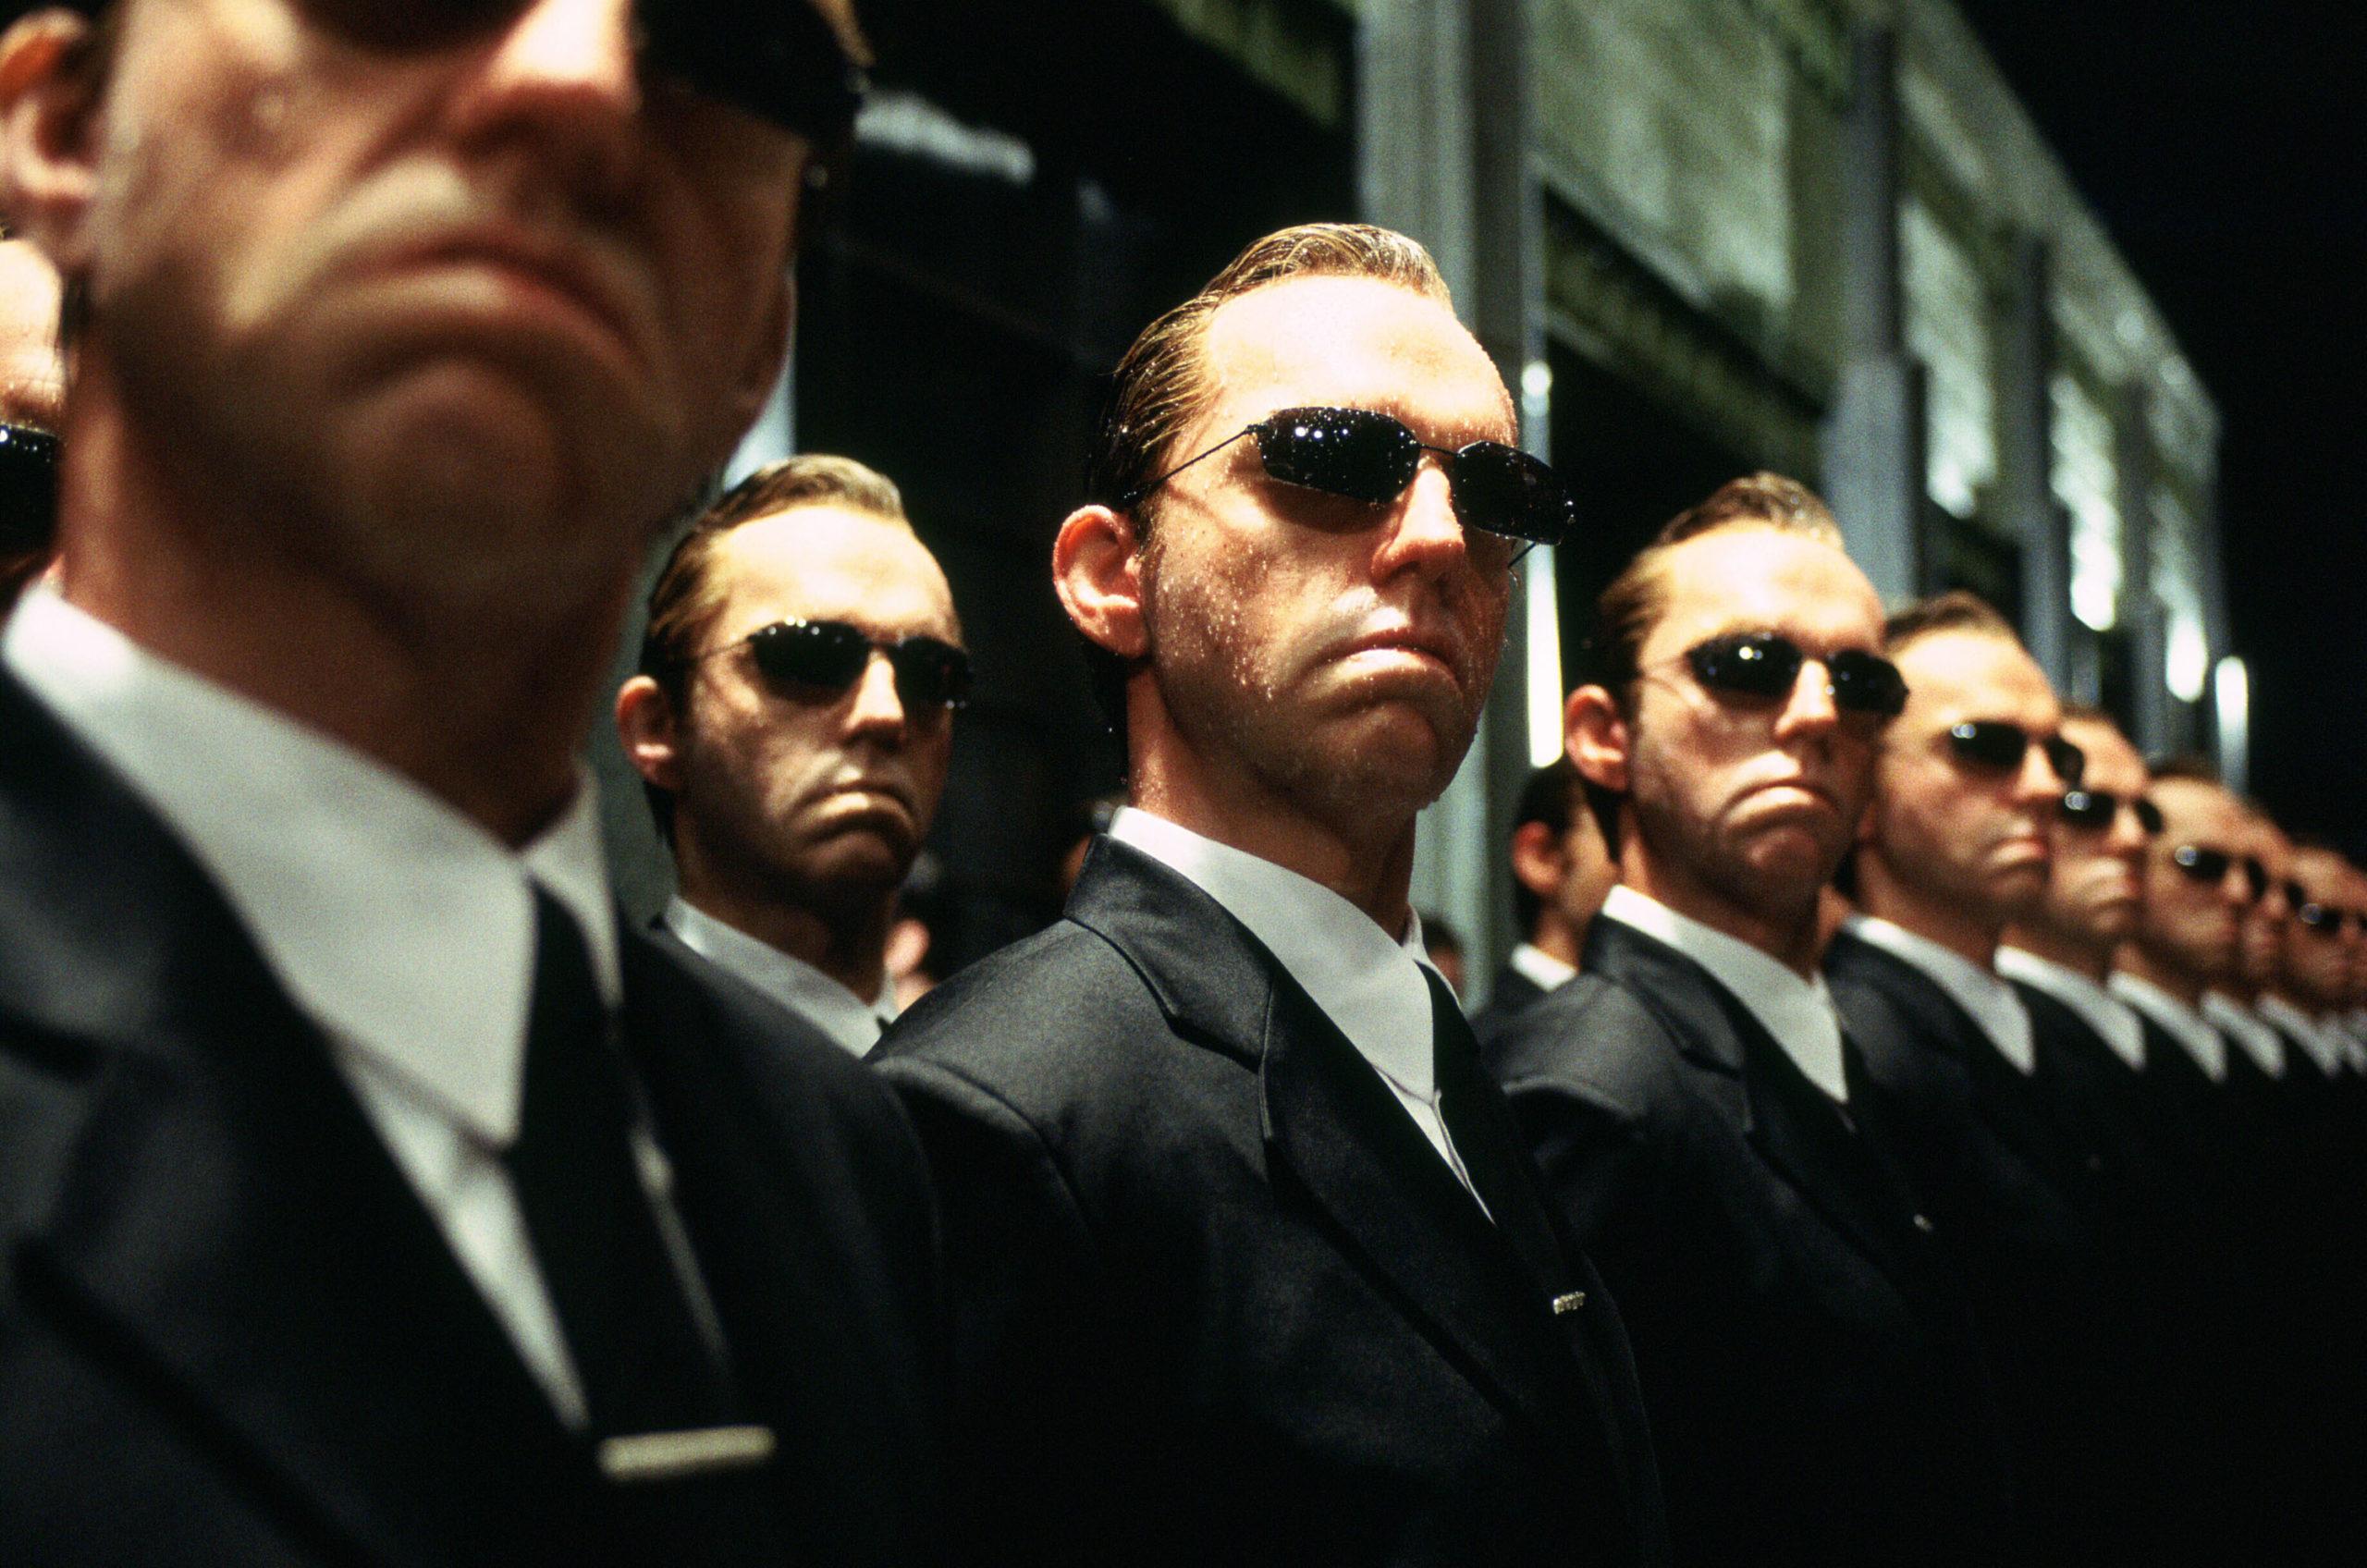 Hugo Weaving confirma que no estará en The Matrix 4